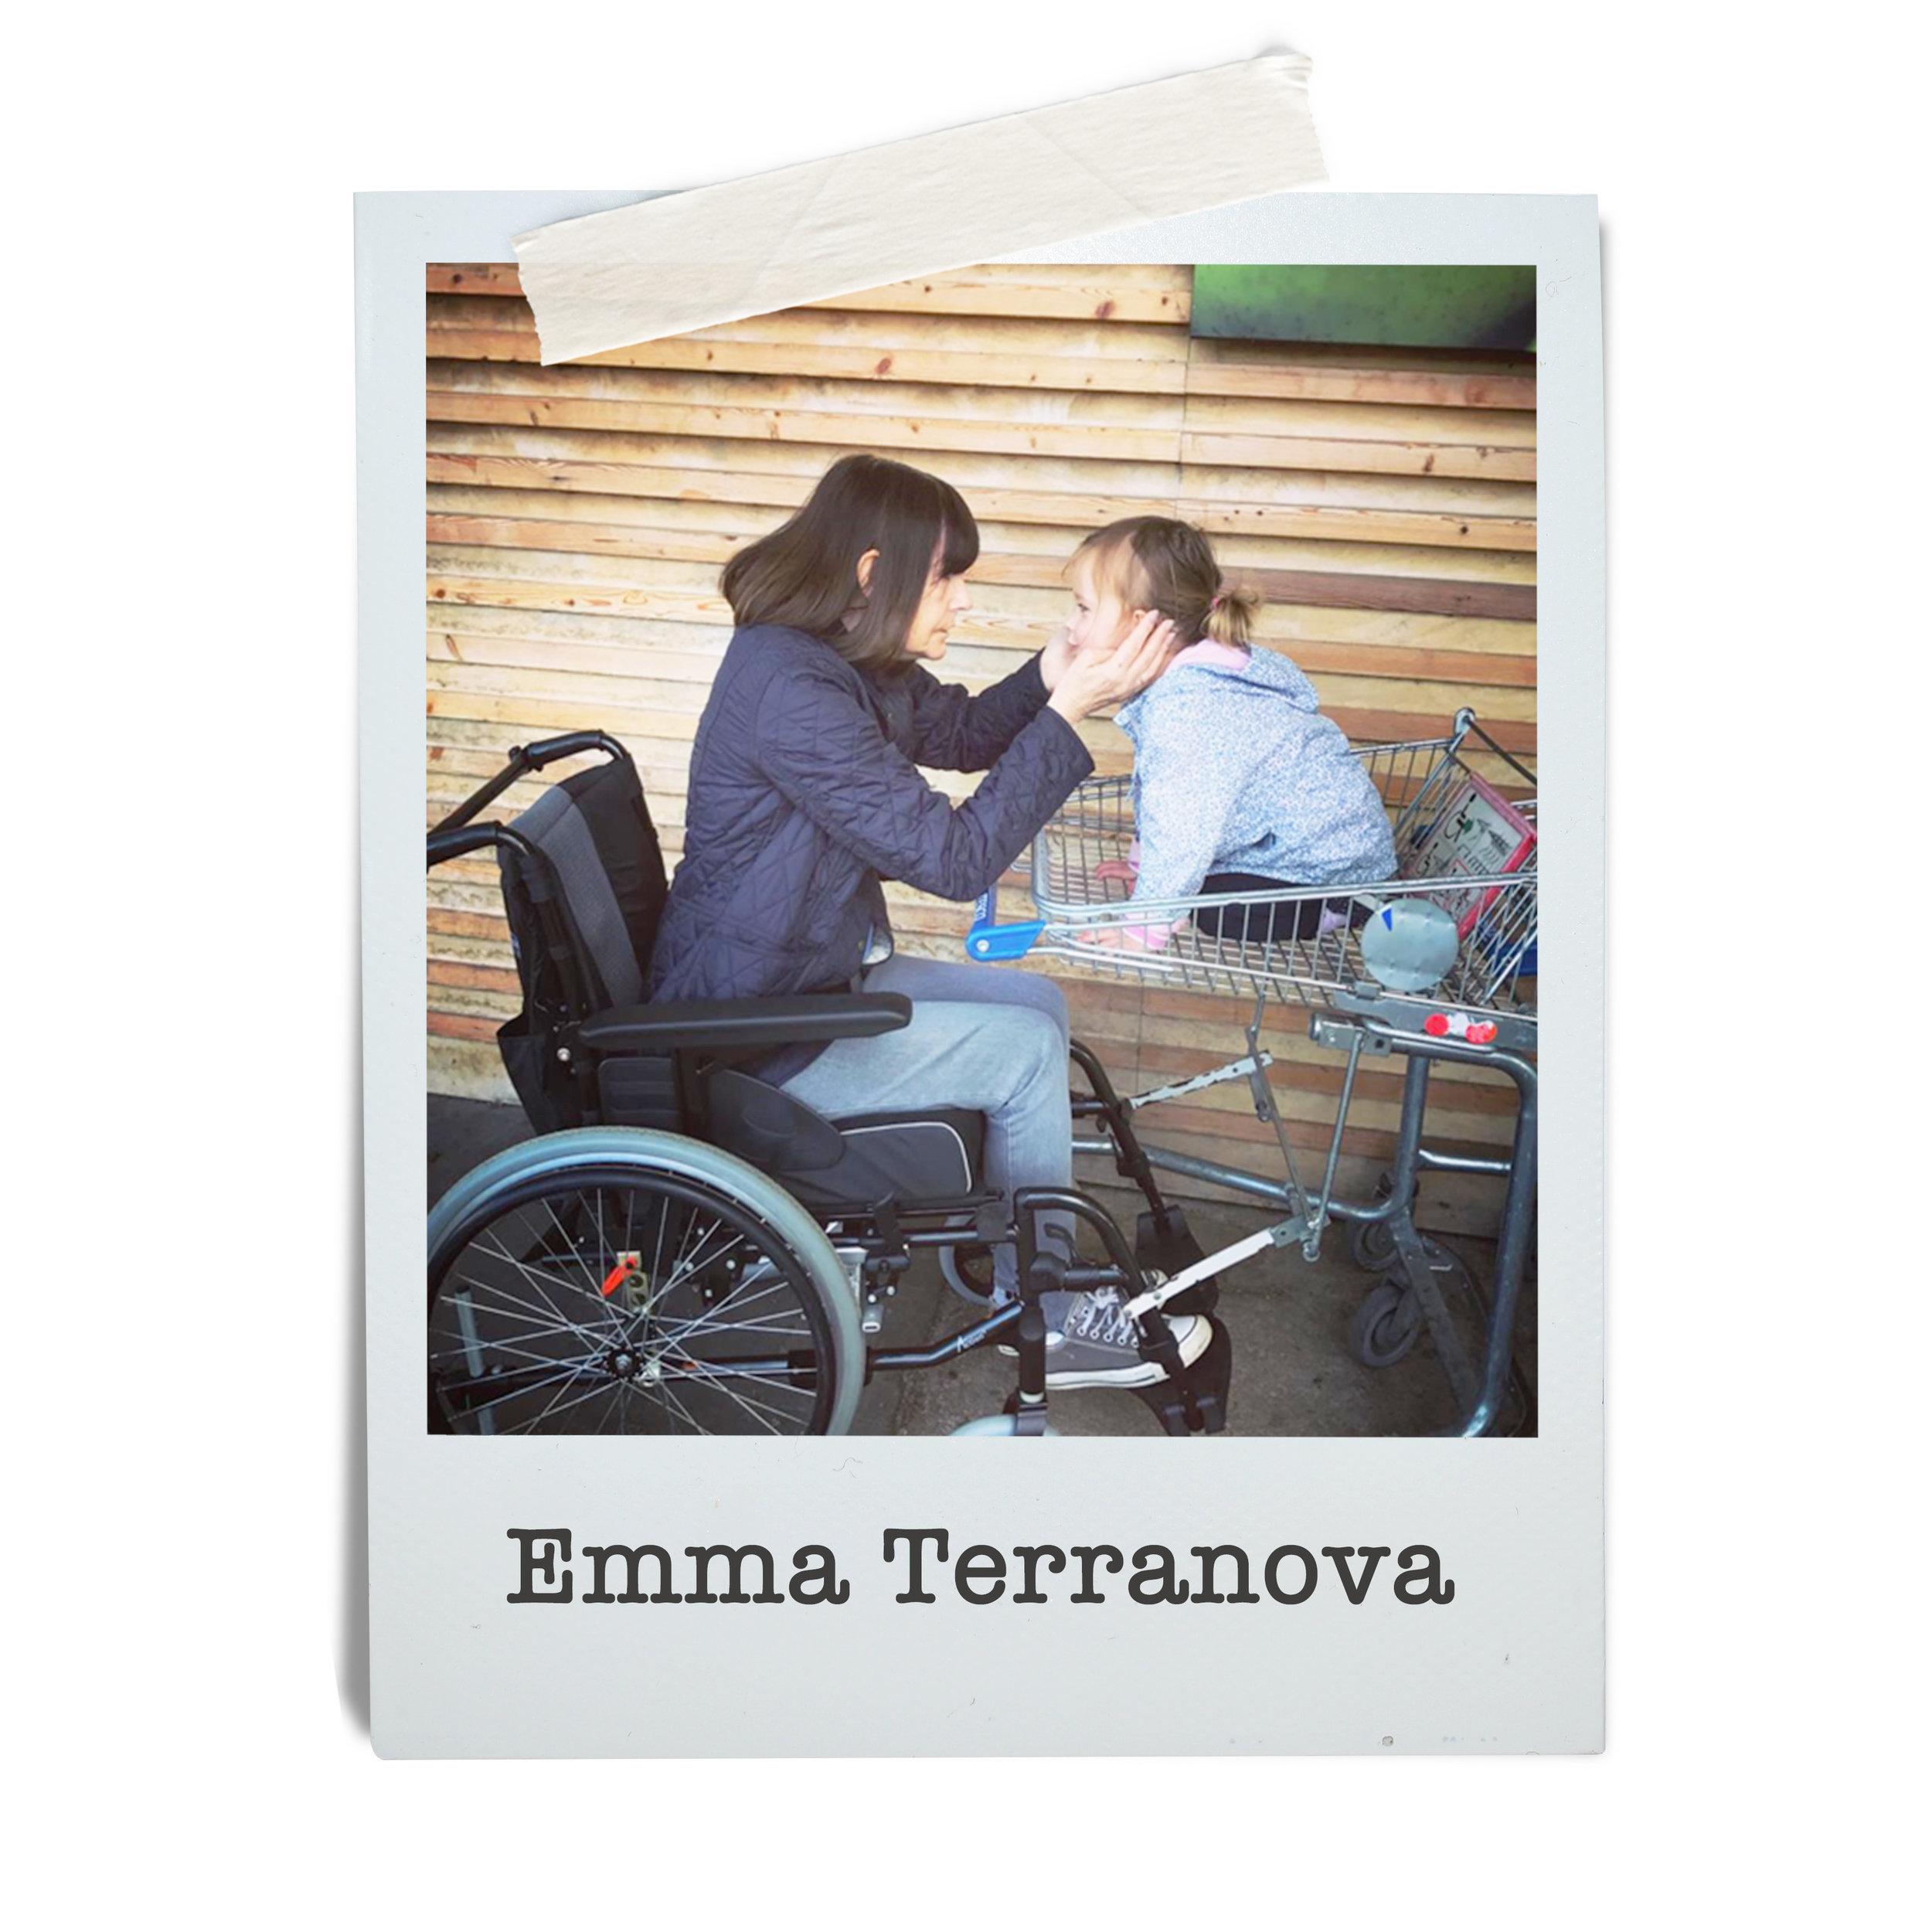 Emma Terranova